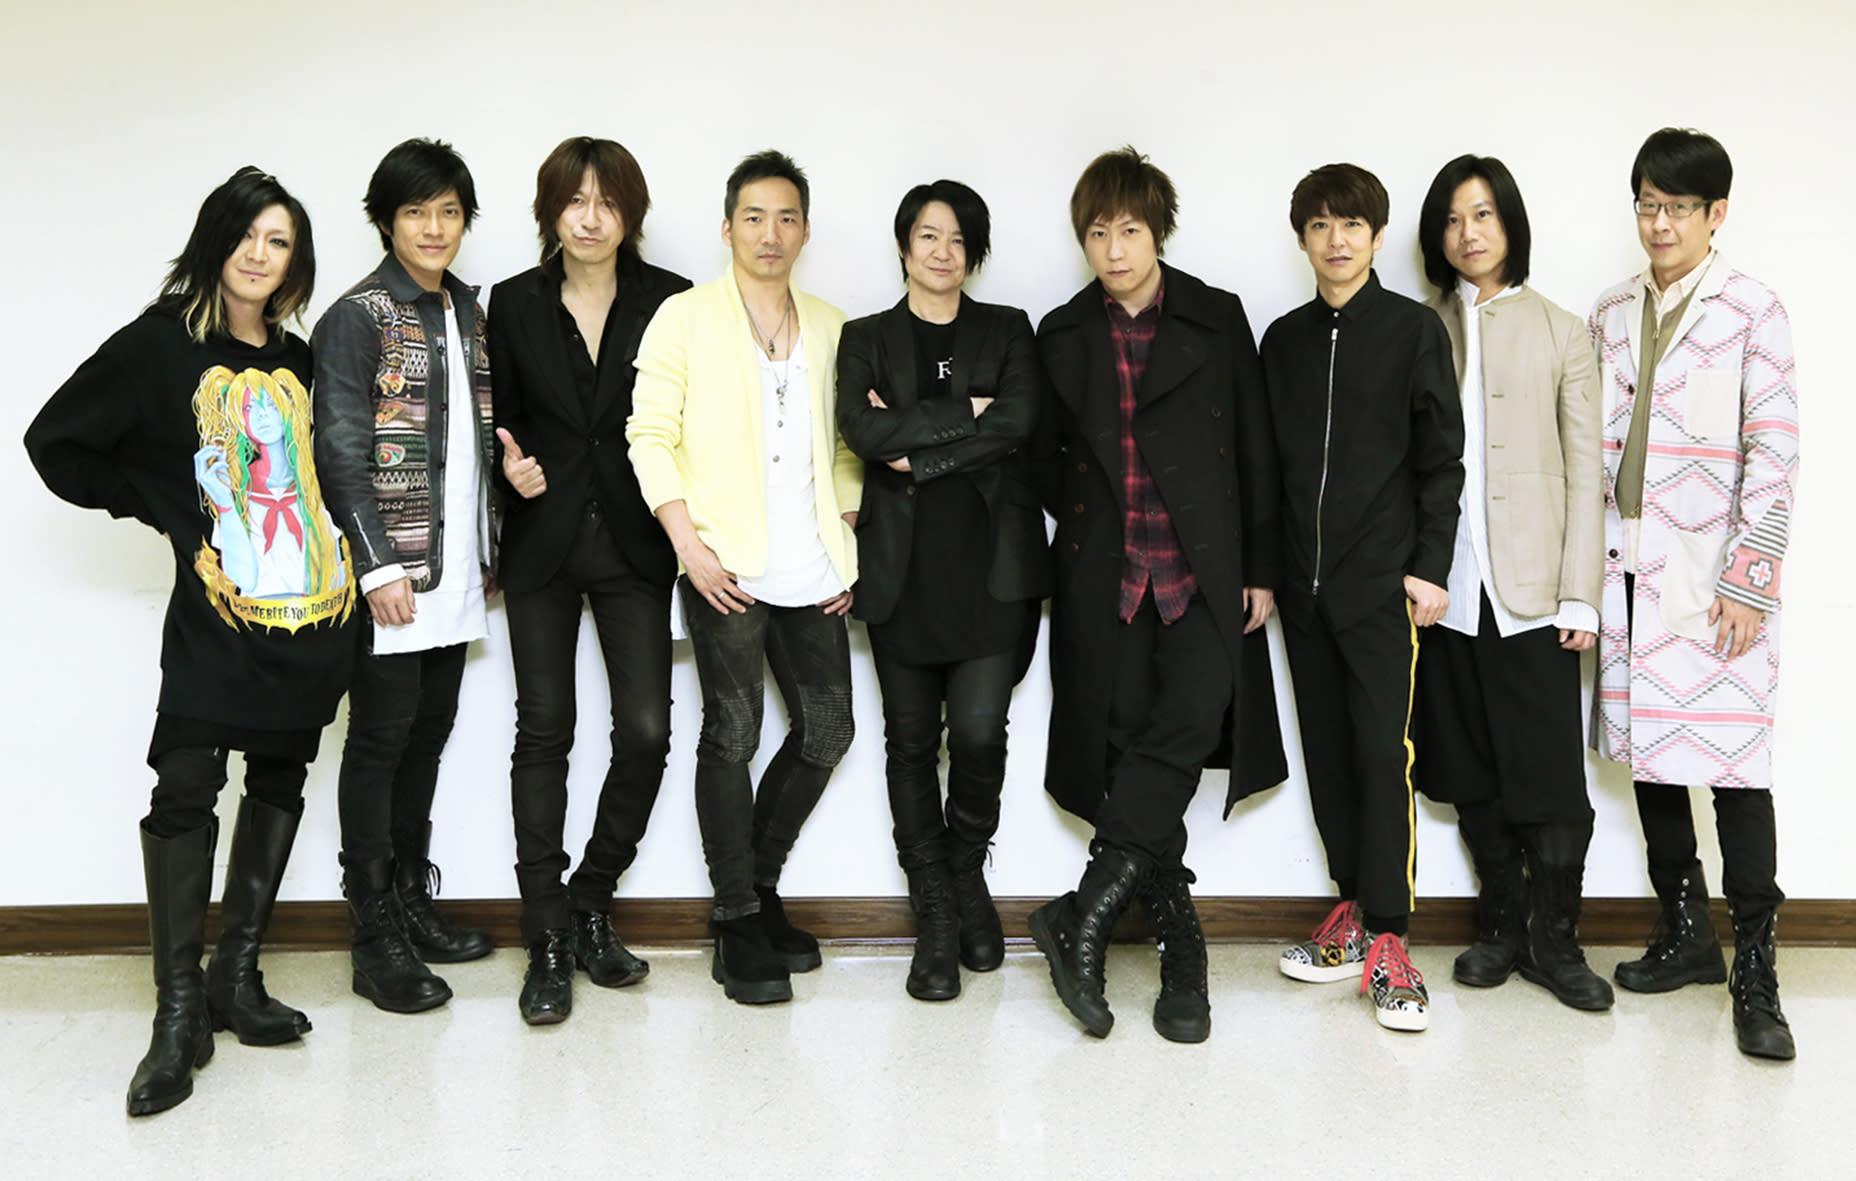 「日本搖滾天團」GLAY暖心之舉 捐部份收入做公益